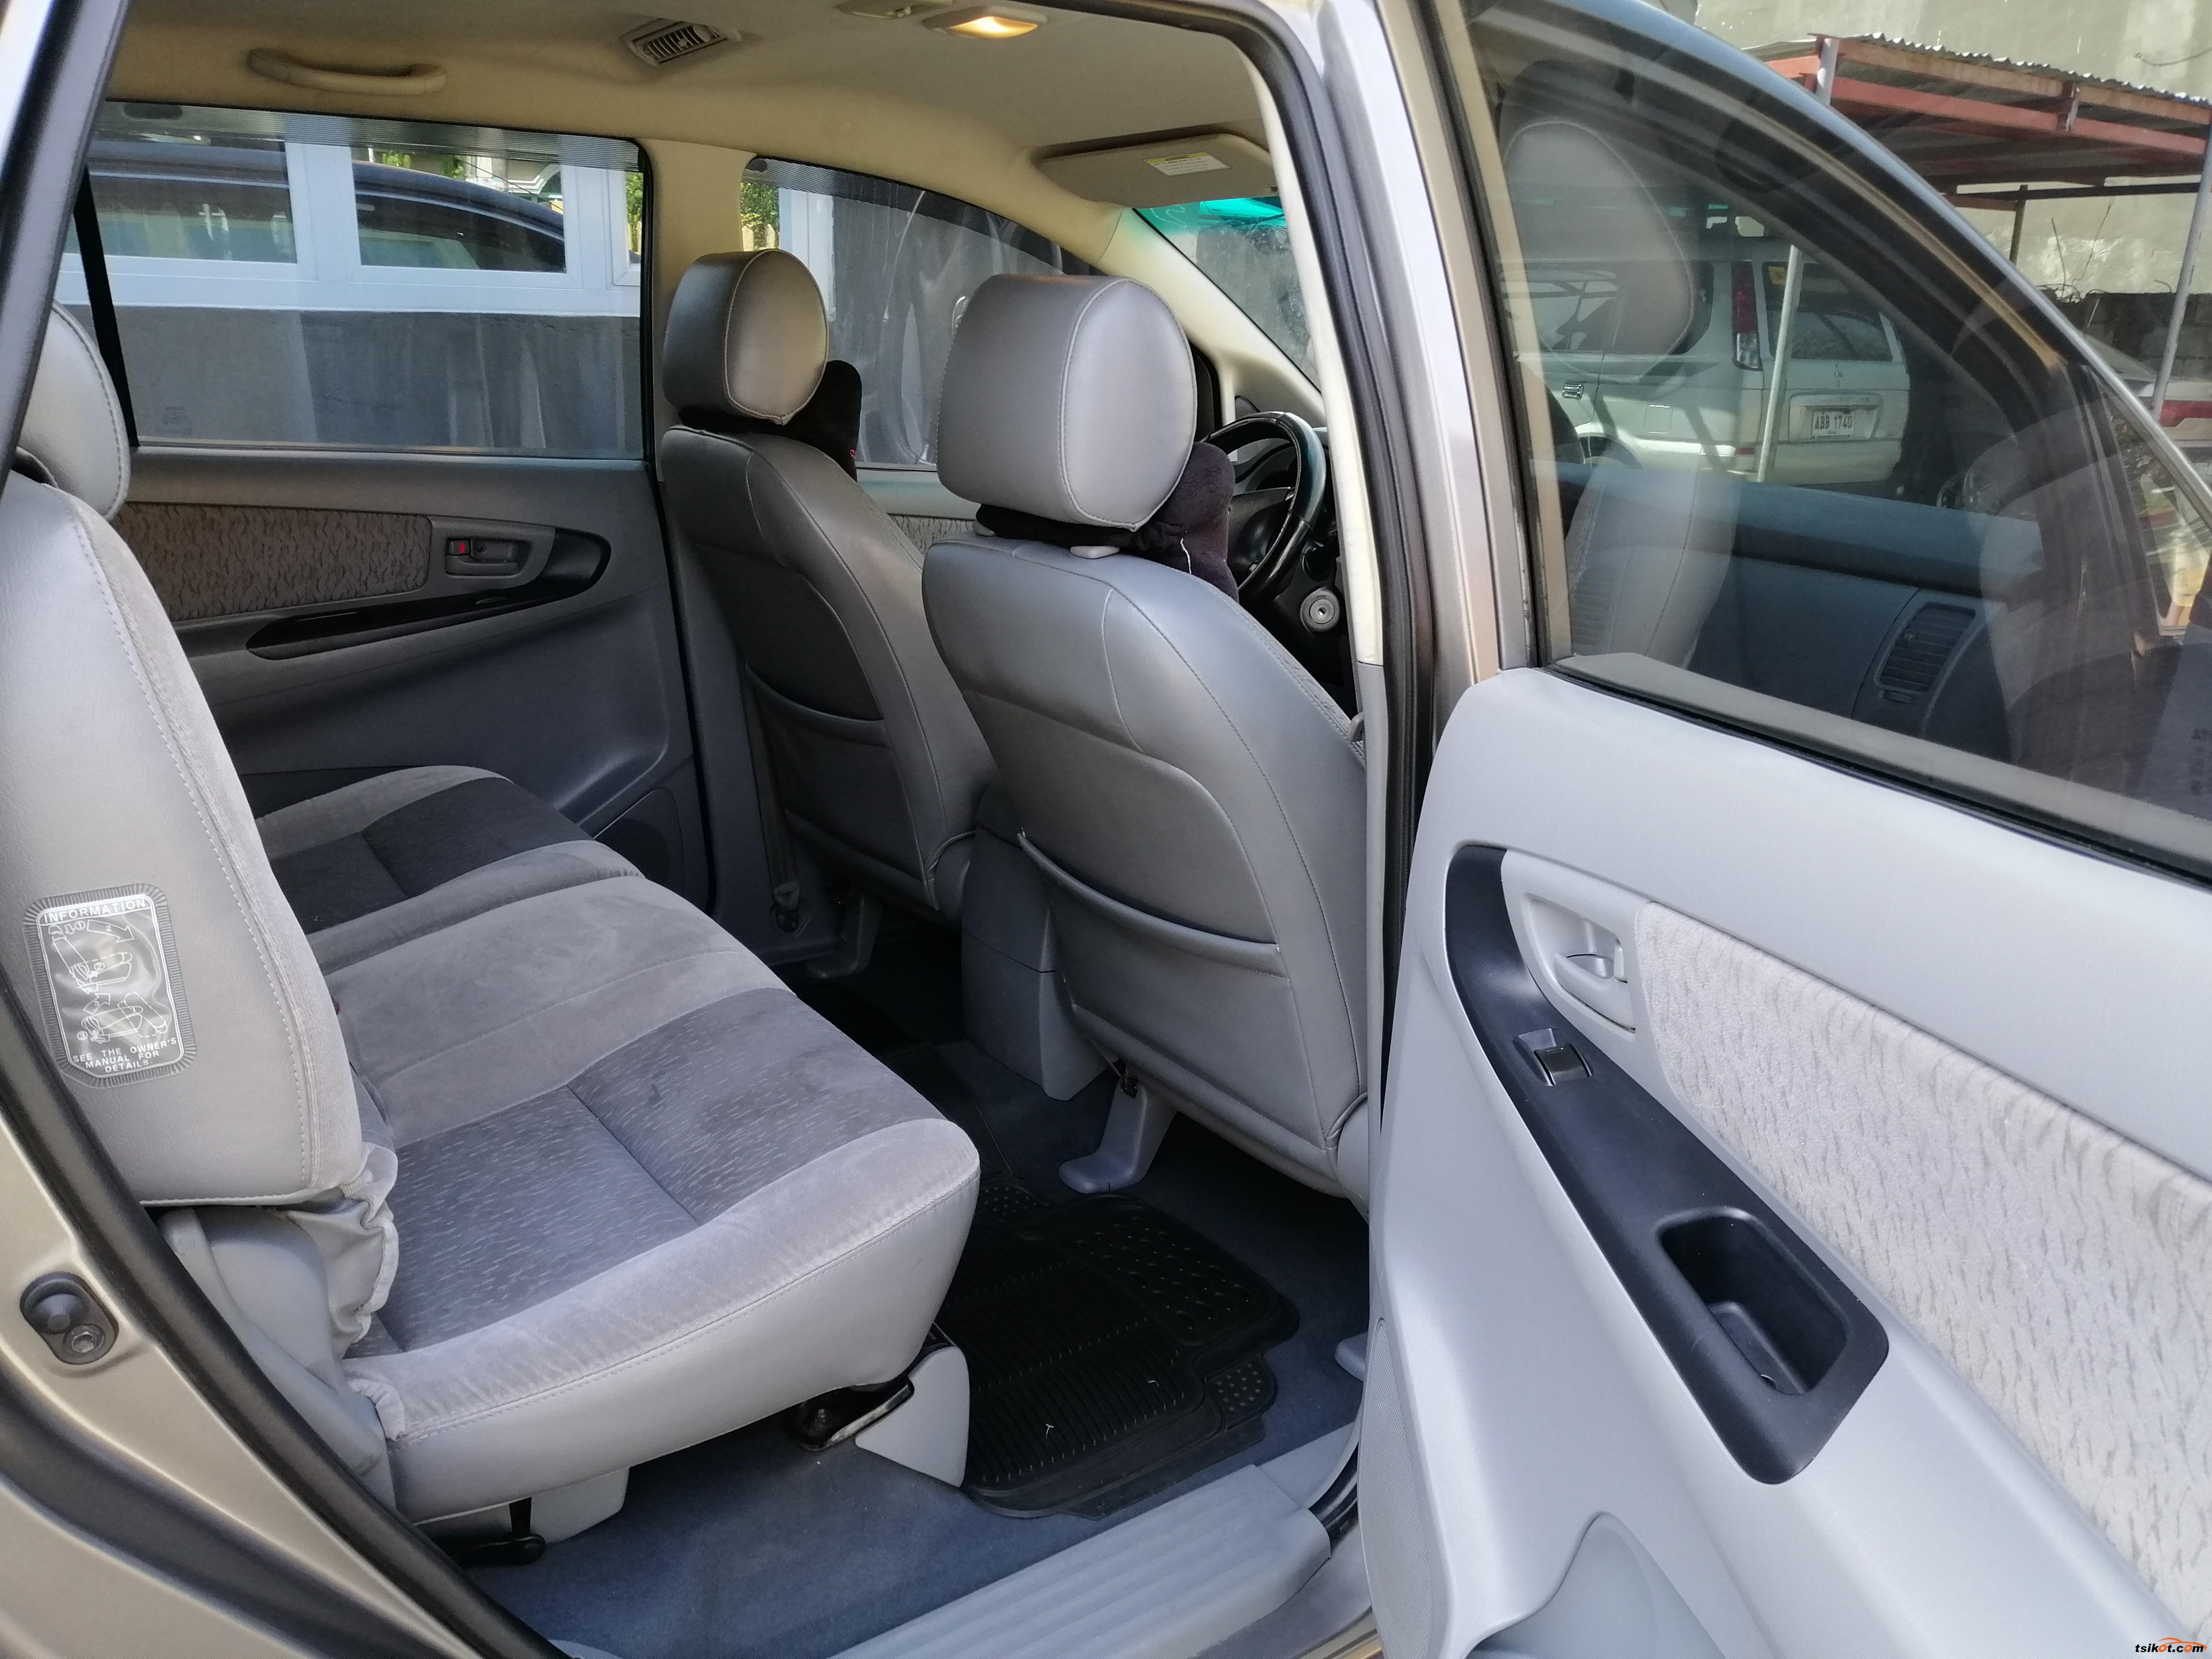 Toyota Innova 2007 - 7